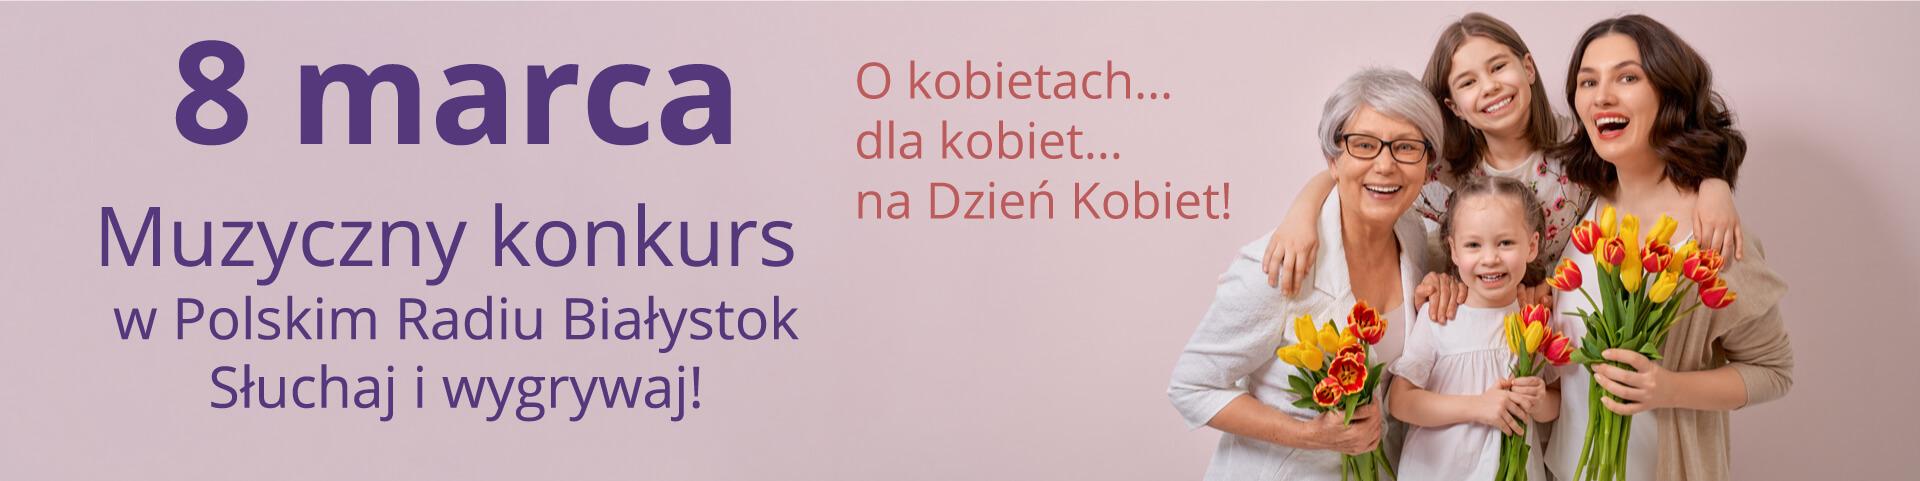 O kobietach… dla kobiet… na Dzień Kobiet!